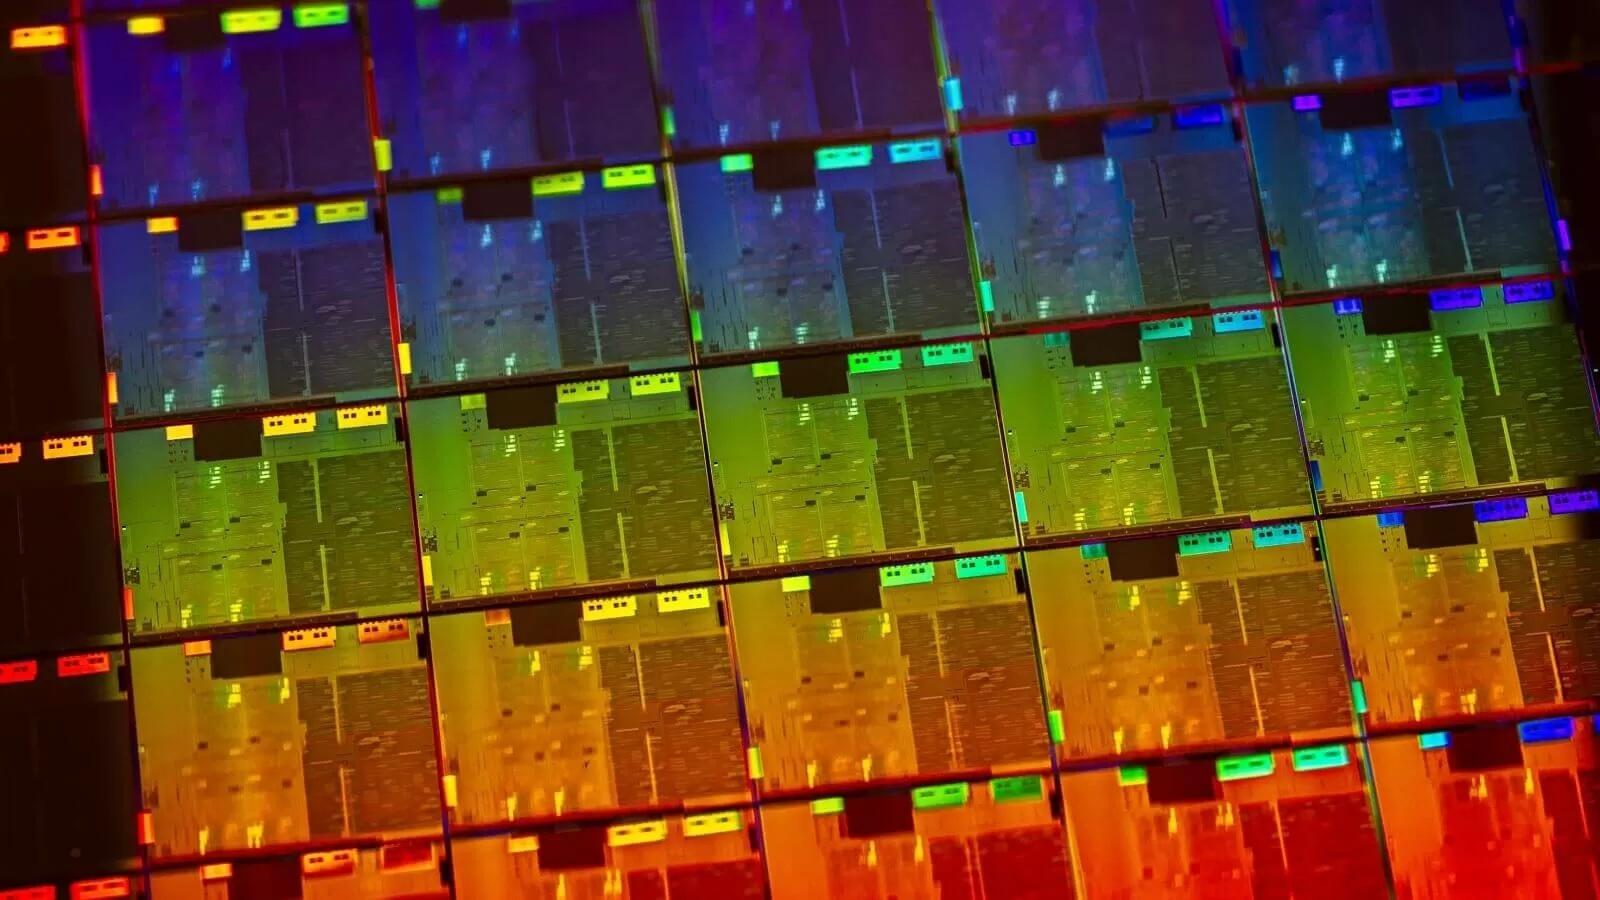 Опубликованы фотографии гигантского 56-ядерного процессора Intel